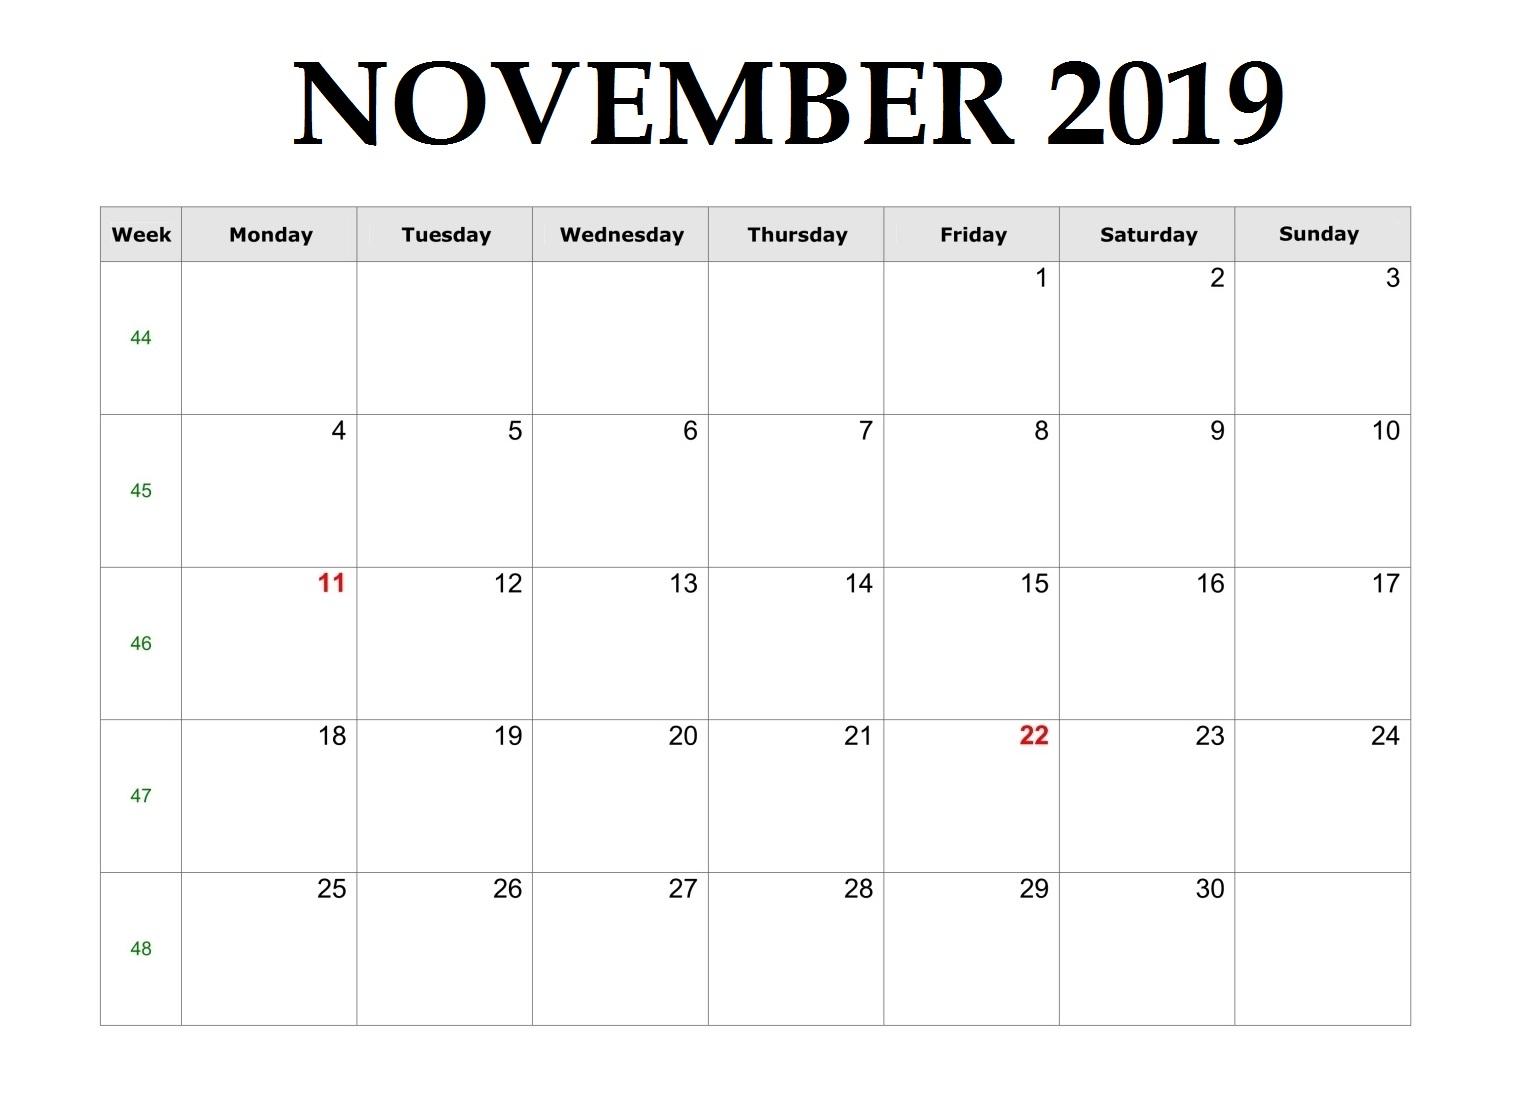 Online November 2019 Calendar Maker